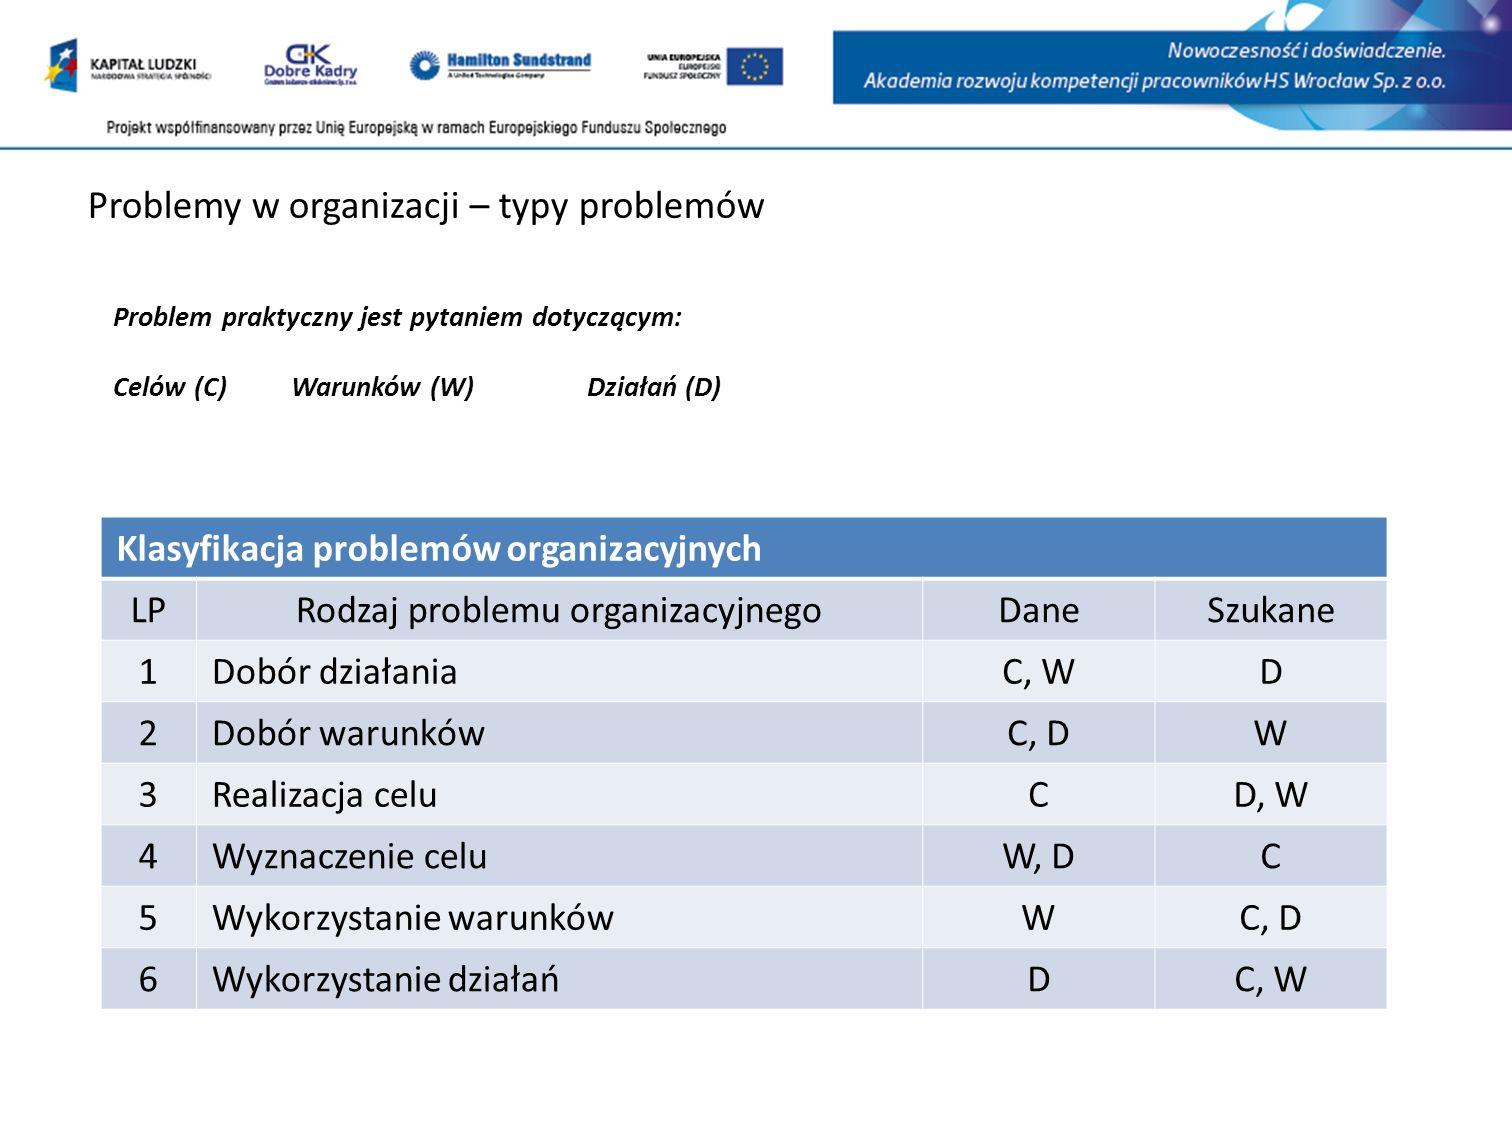 Problemy w organizacji – typy problemów Klasyfikacja problemów organizacyjnych LPRodzaj problemu organizacyjnegoDaneSzukane 1 Dobór działania C, WD 2 Dobór warunków C, DW 3 Realizacja celu CD, W 4 Wyznaczenie celu W, DC 5 Wykorzystanie warunków WC, D 6 Wykorzystanie działań DC, W Problem praktyczny jest pytaniem dotyczącym: Celów (C)Warunków (W)Działań (D)